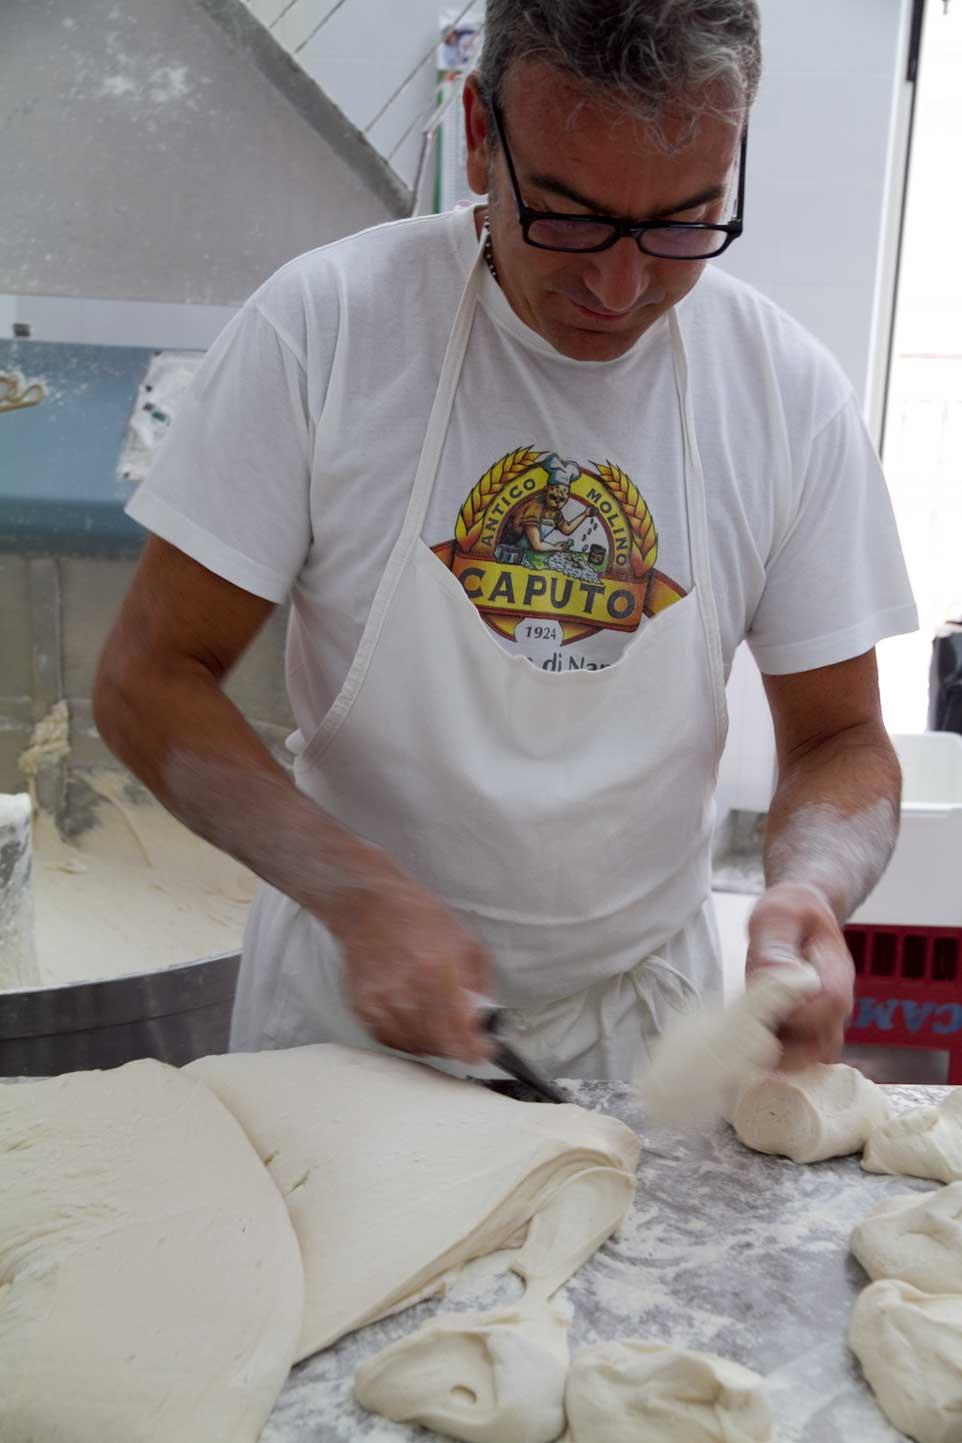 impasto pizza da Michele Napoli